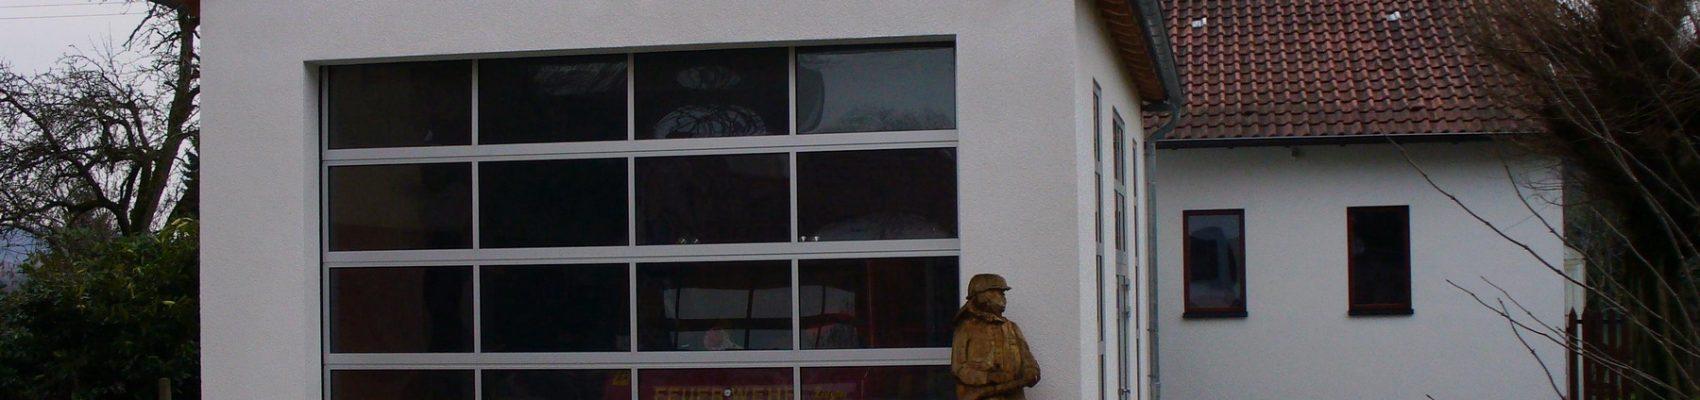 Feuerwehr Gerätehaus Fitten